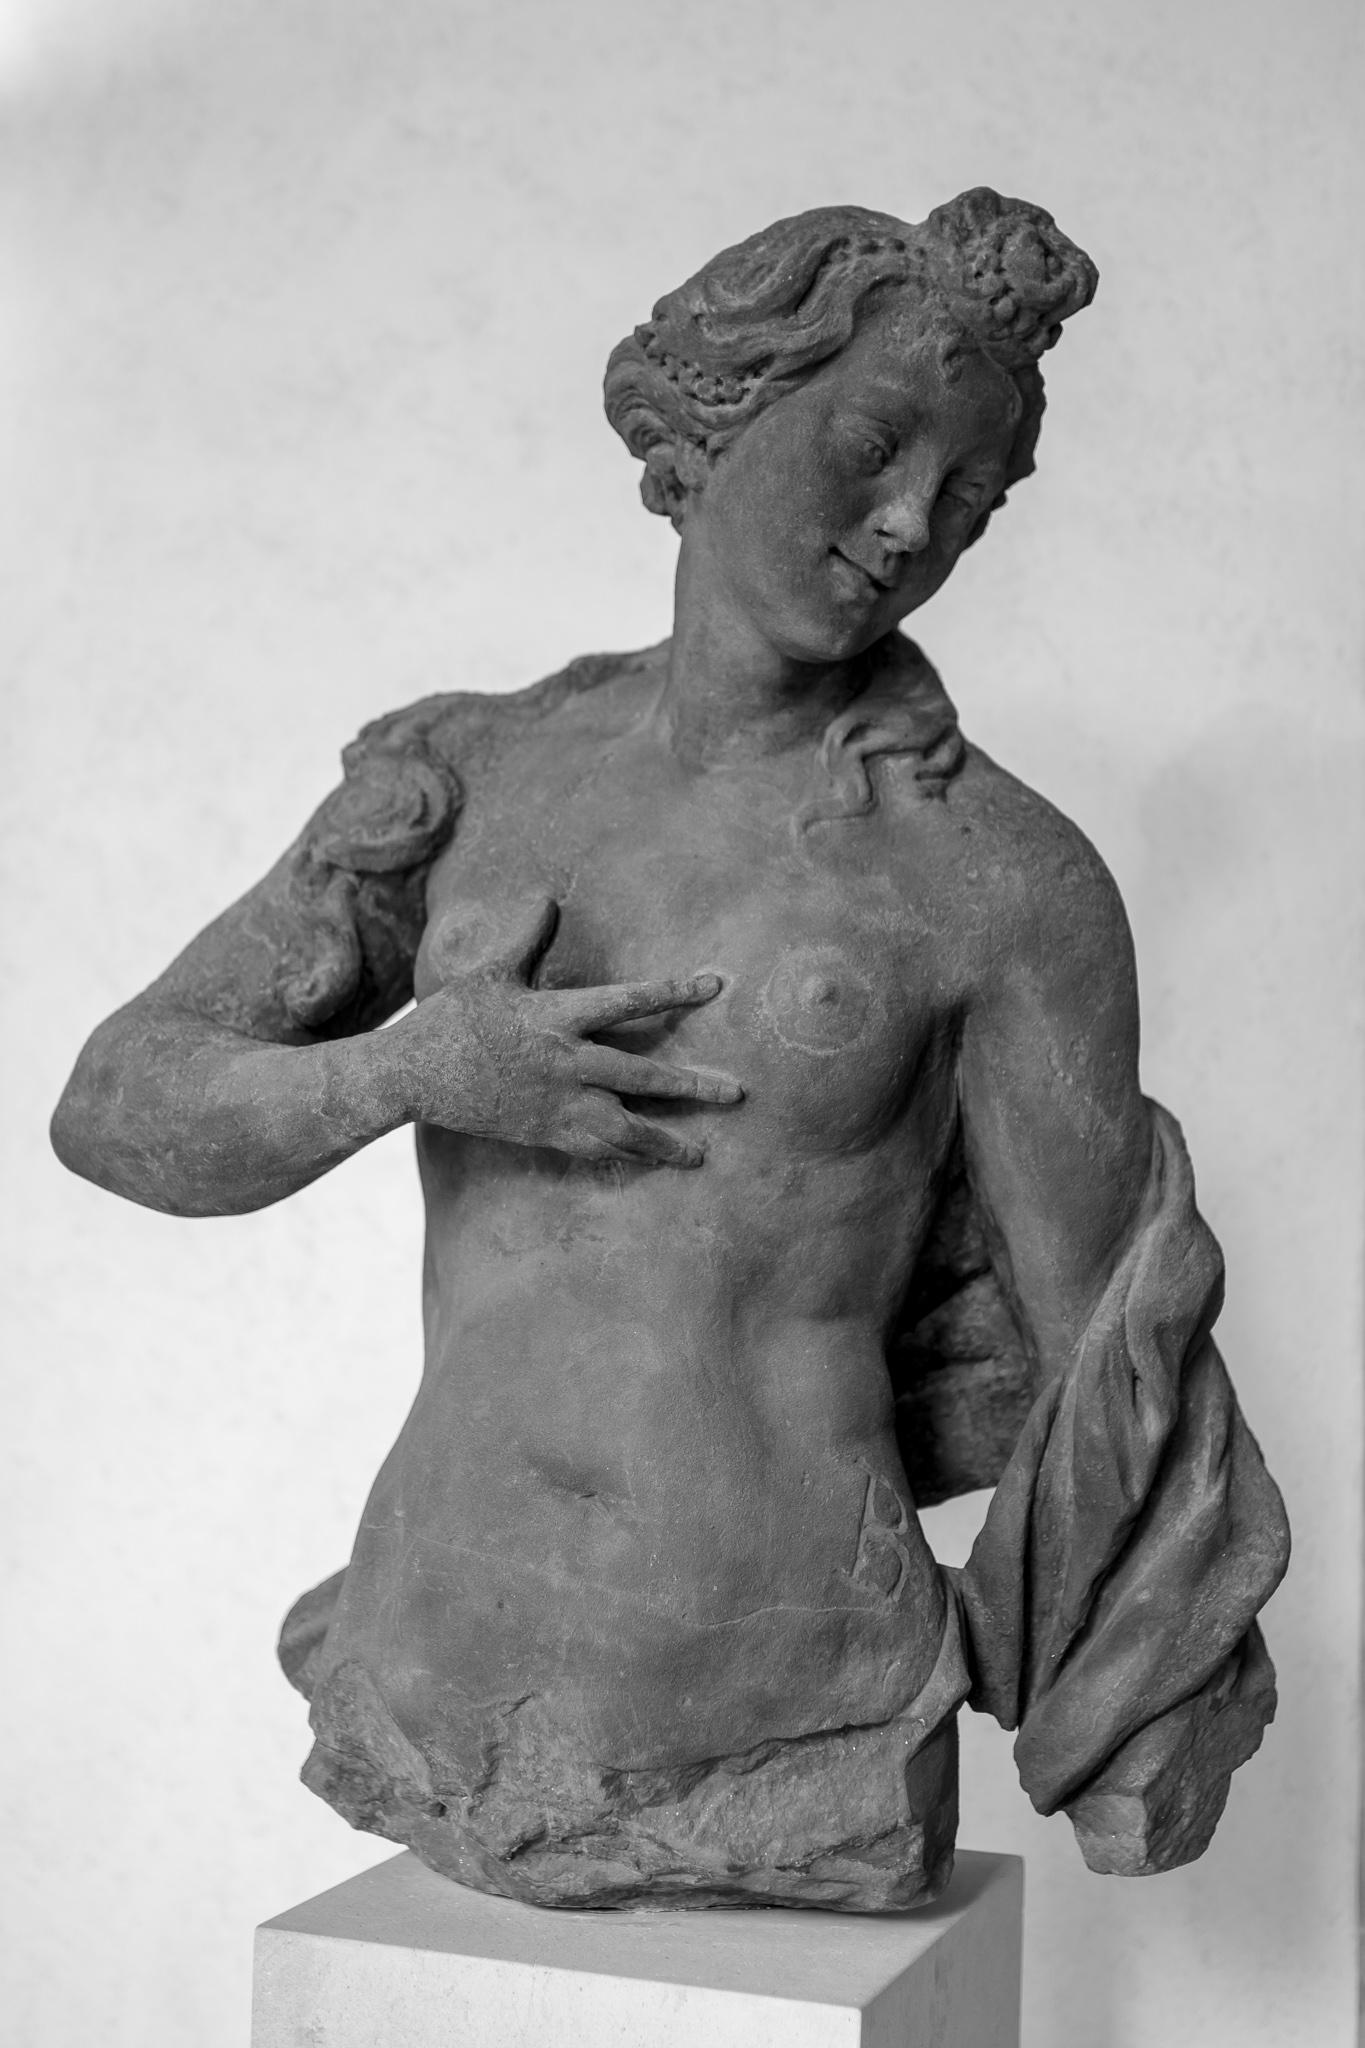 Matthias Braun, foi un dos escultores barrocos máis notables de Praga e Bohemia. <br>Esta obra atópase na colección do Palacio Schwarzenberg, en Praga, e forma parte da Galería Nacional.